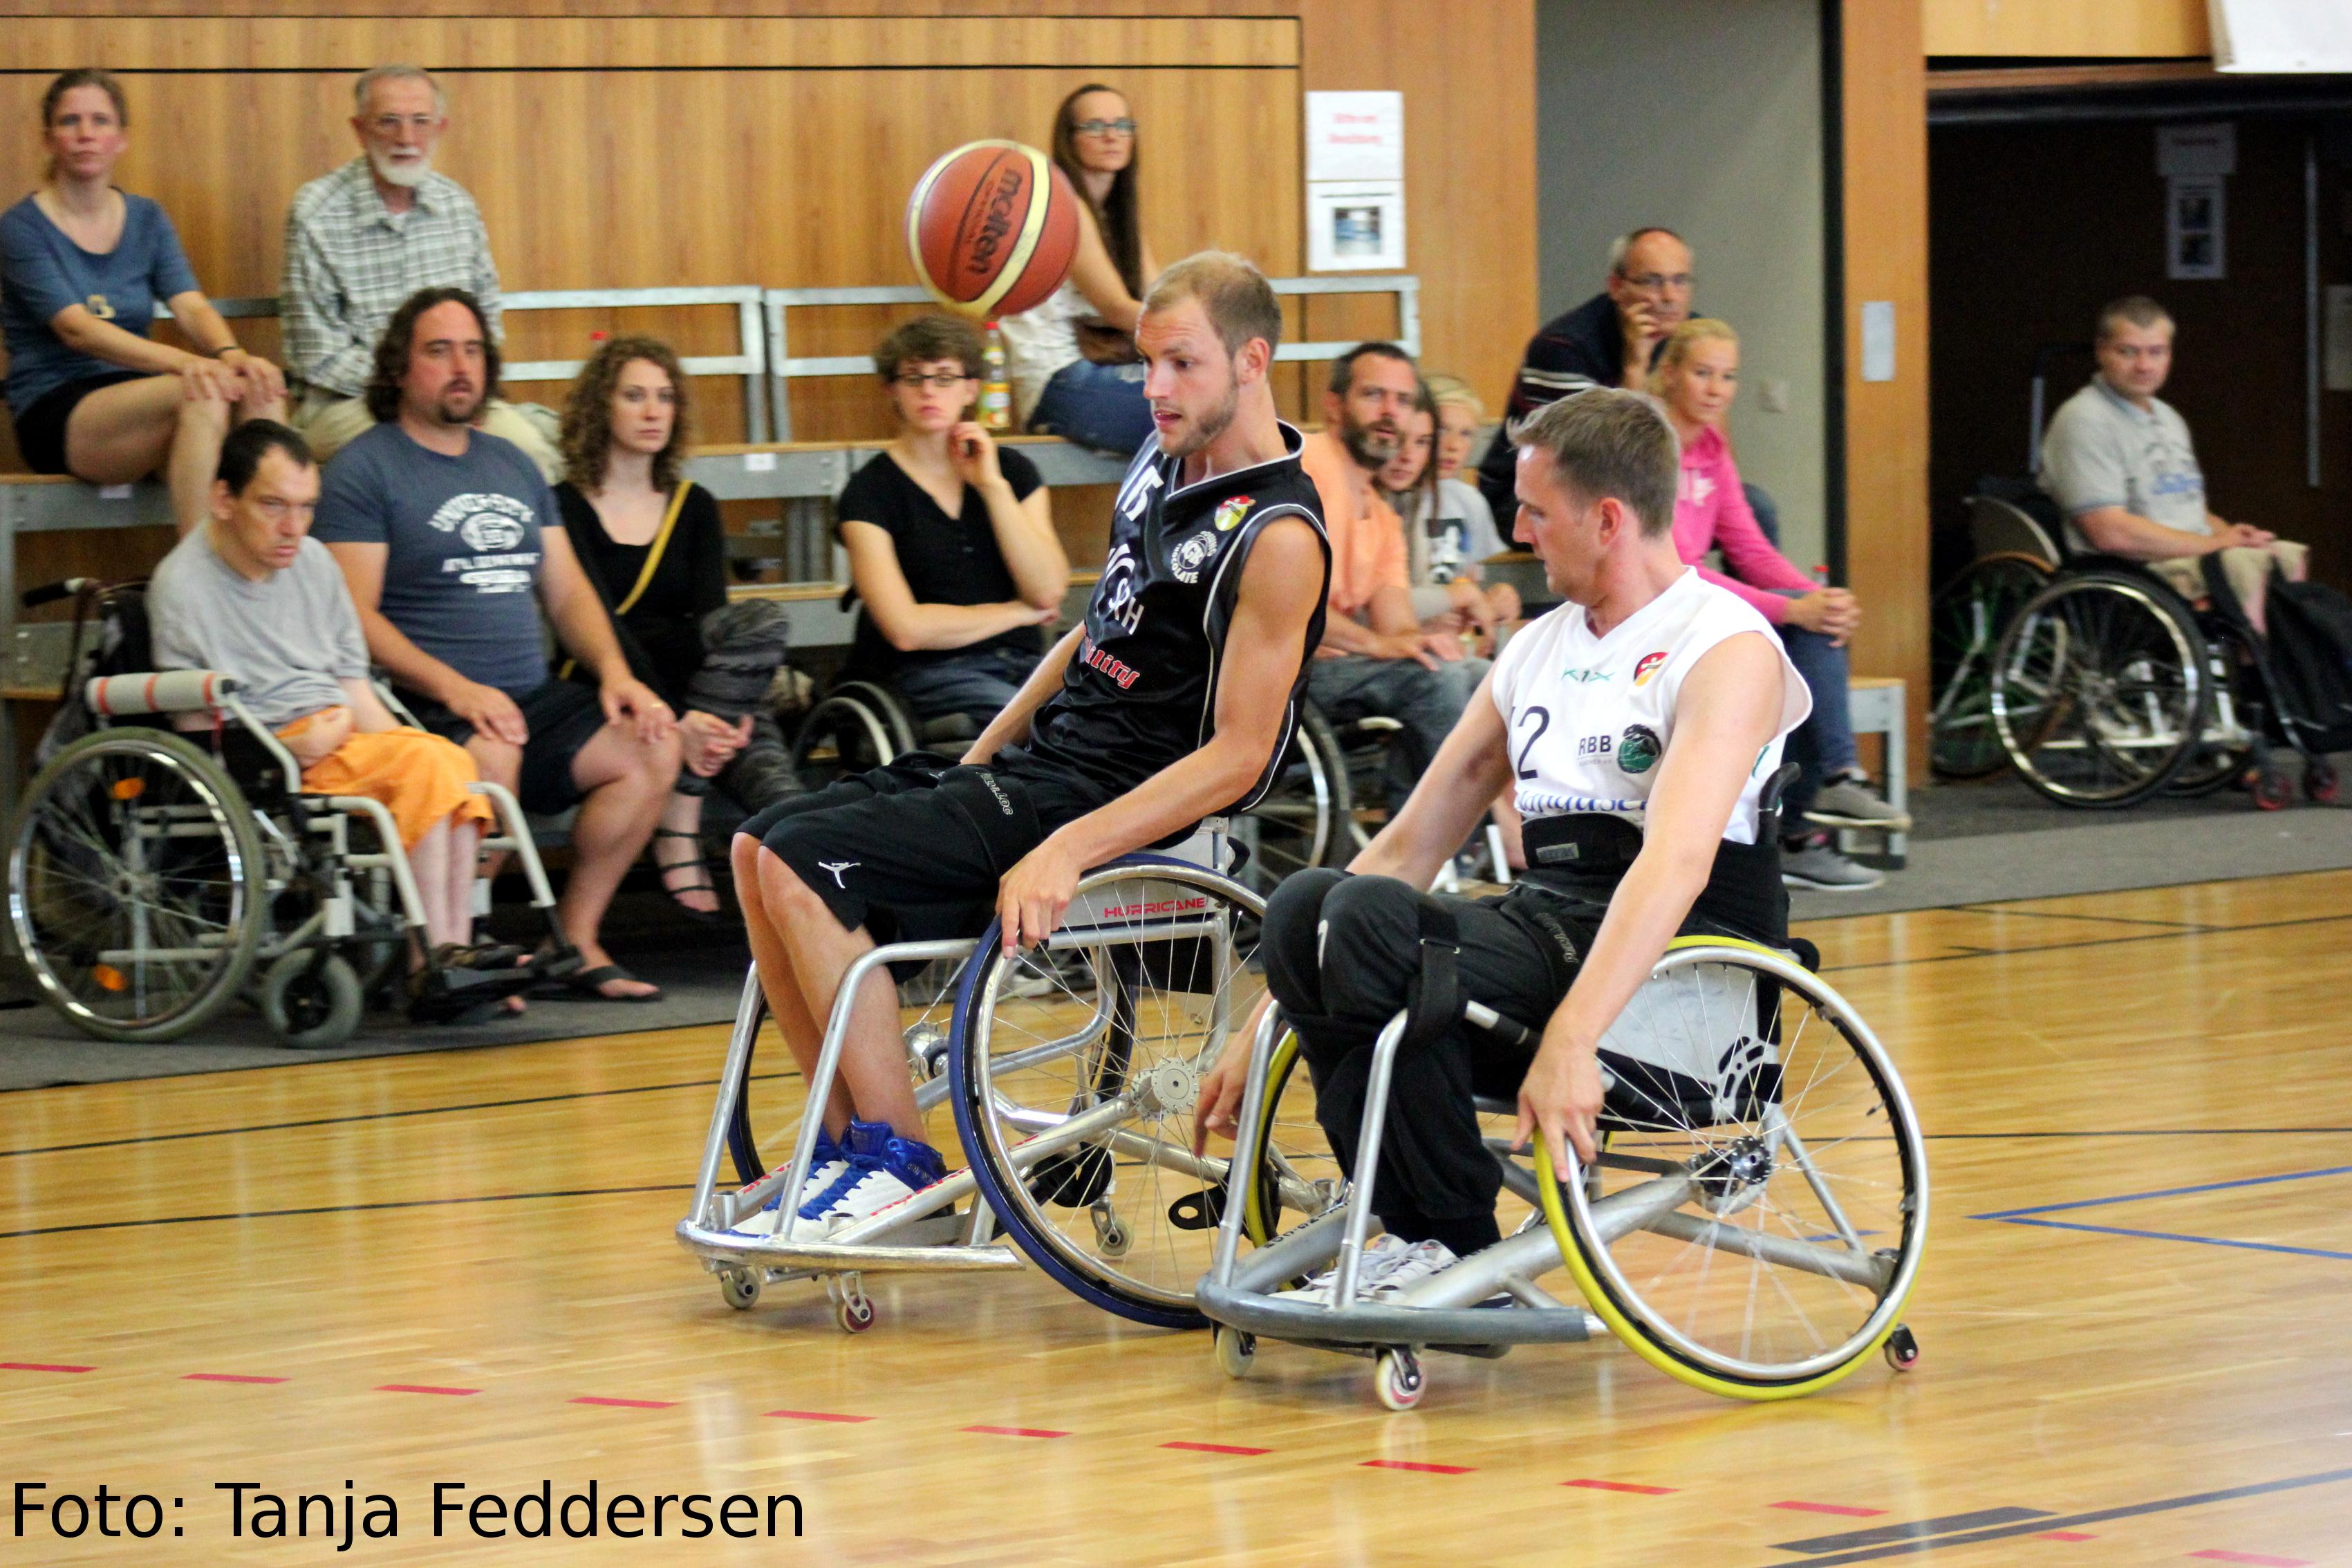 Blick auf die Vorbereitungen zur Rollstuhlbasketball Weltmeisterschaft in Hamburg